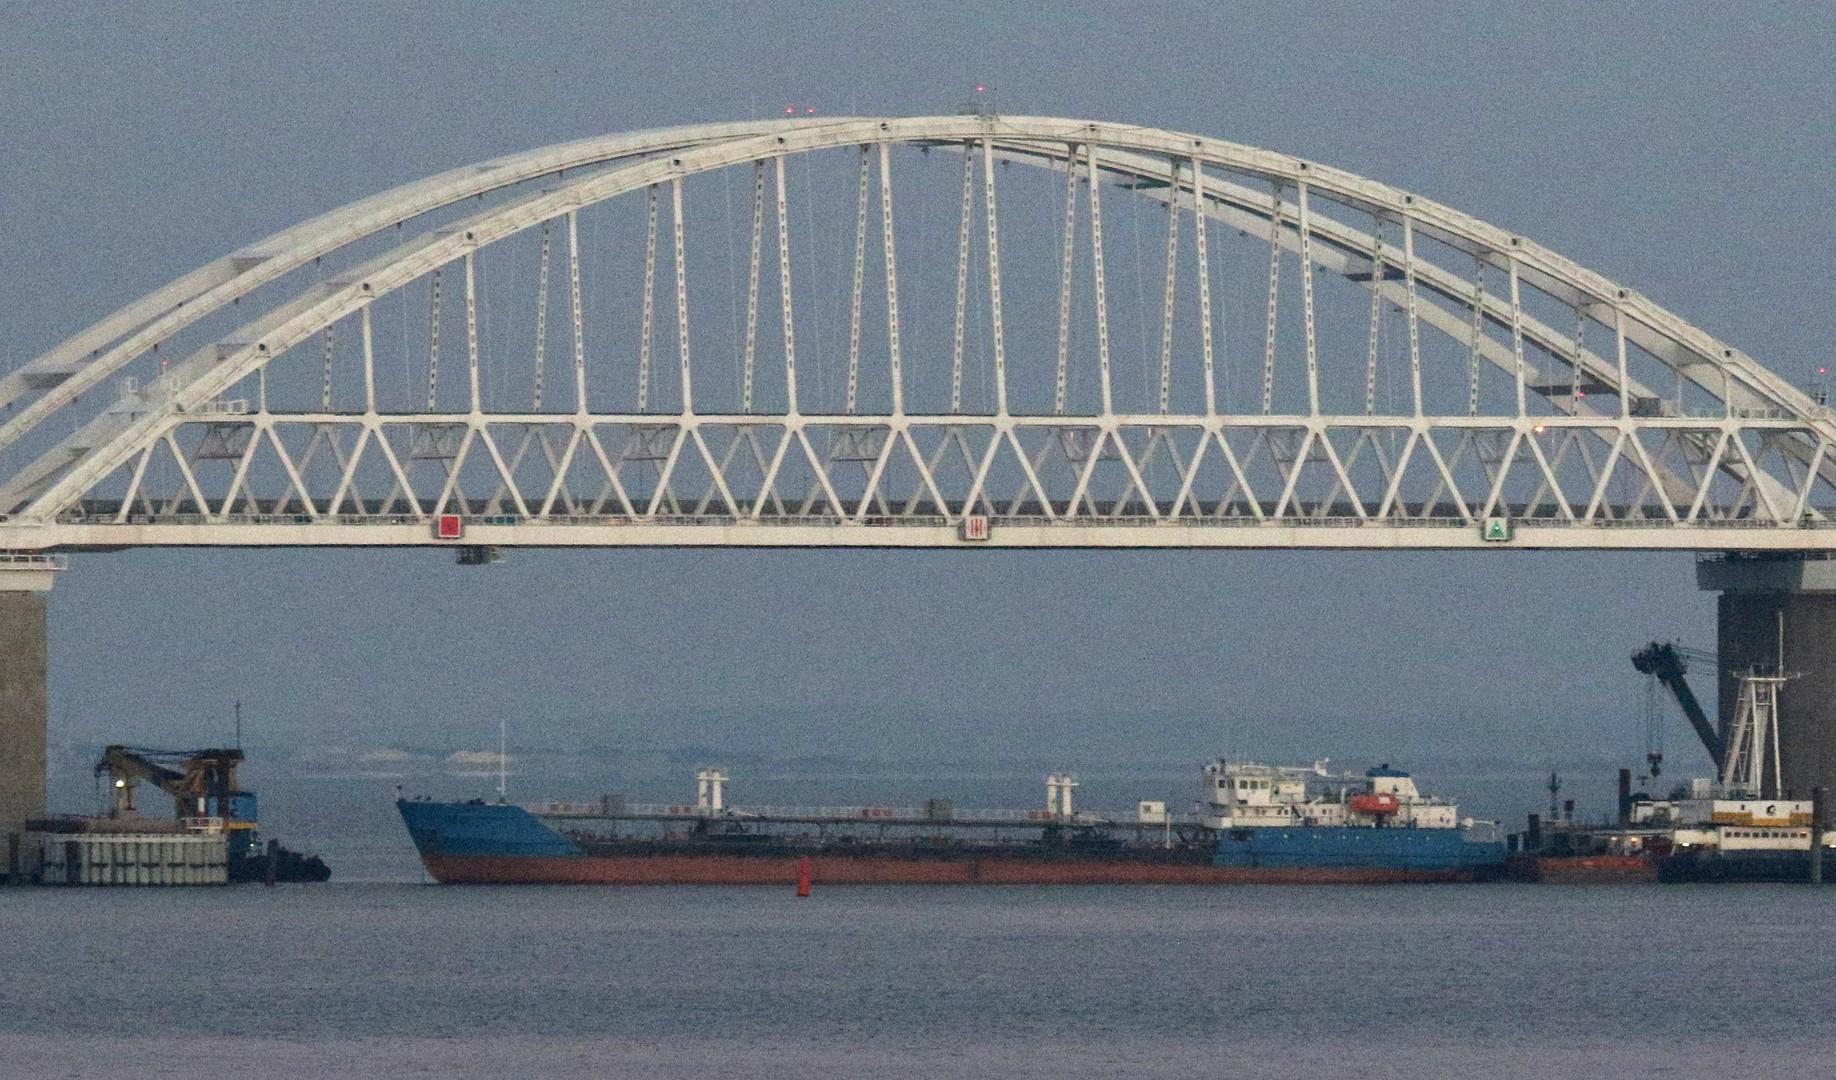 سفارة موسكو في كييف: إخلاء سبيل طاقم السفينة الروسية المحتجزة في أوكرانيا